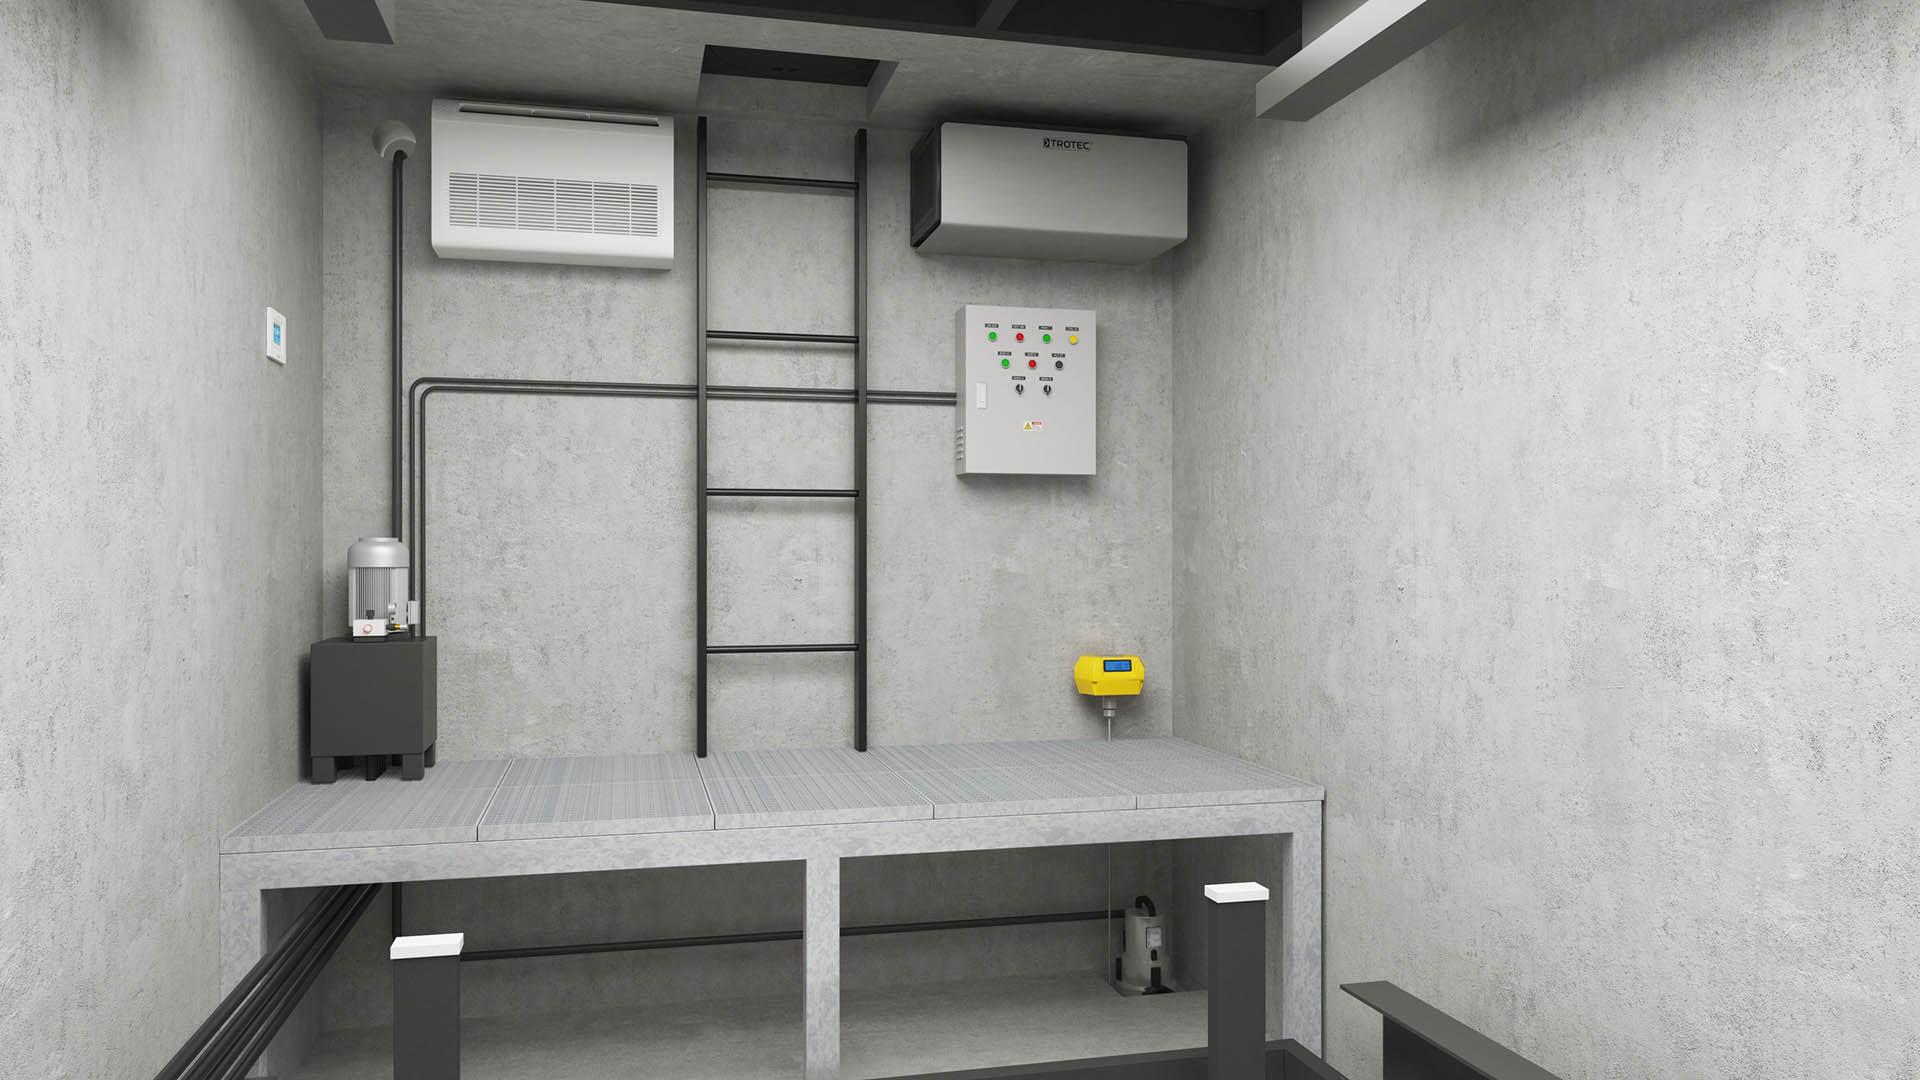 CLT Holland - Autoliften - Car Lifts - Overzicht betonbak met ingebouwde technische ruimte